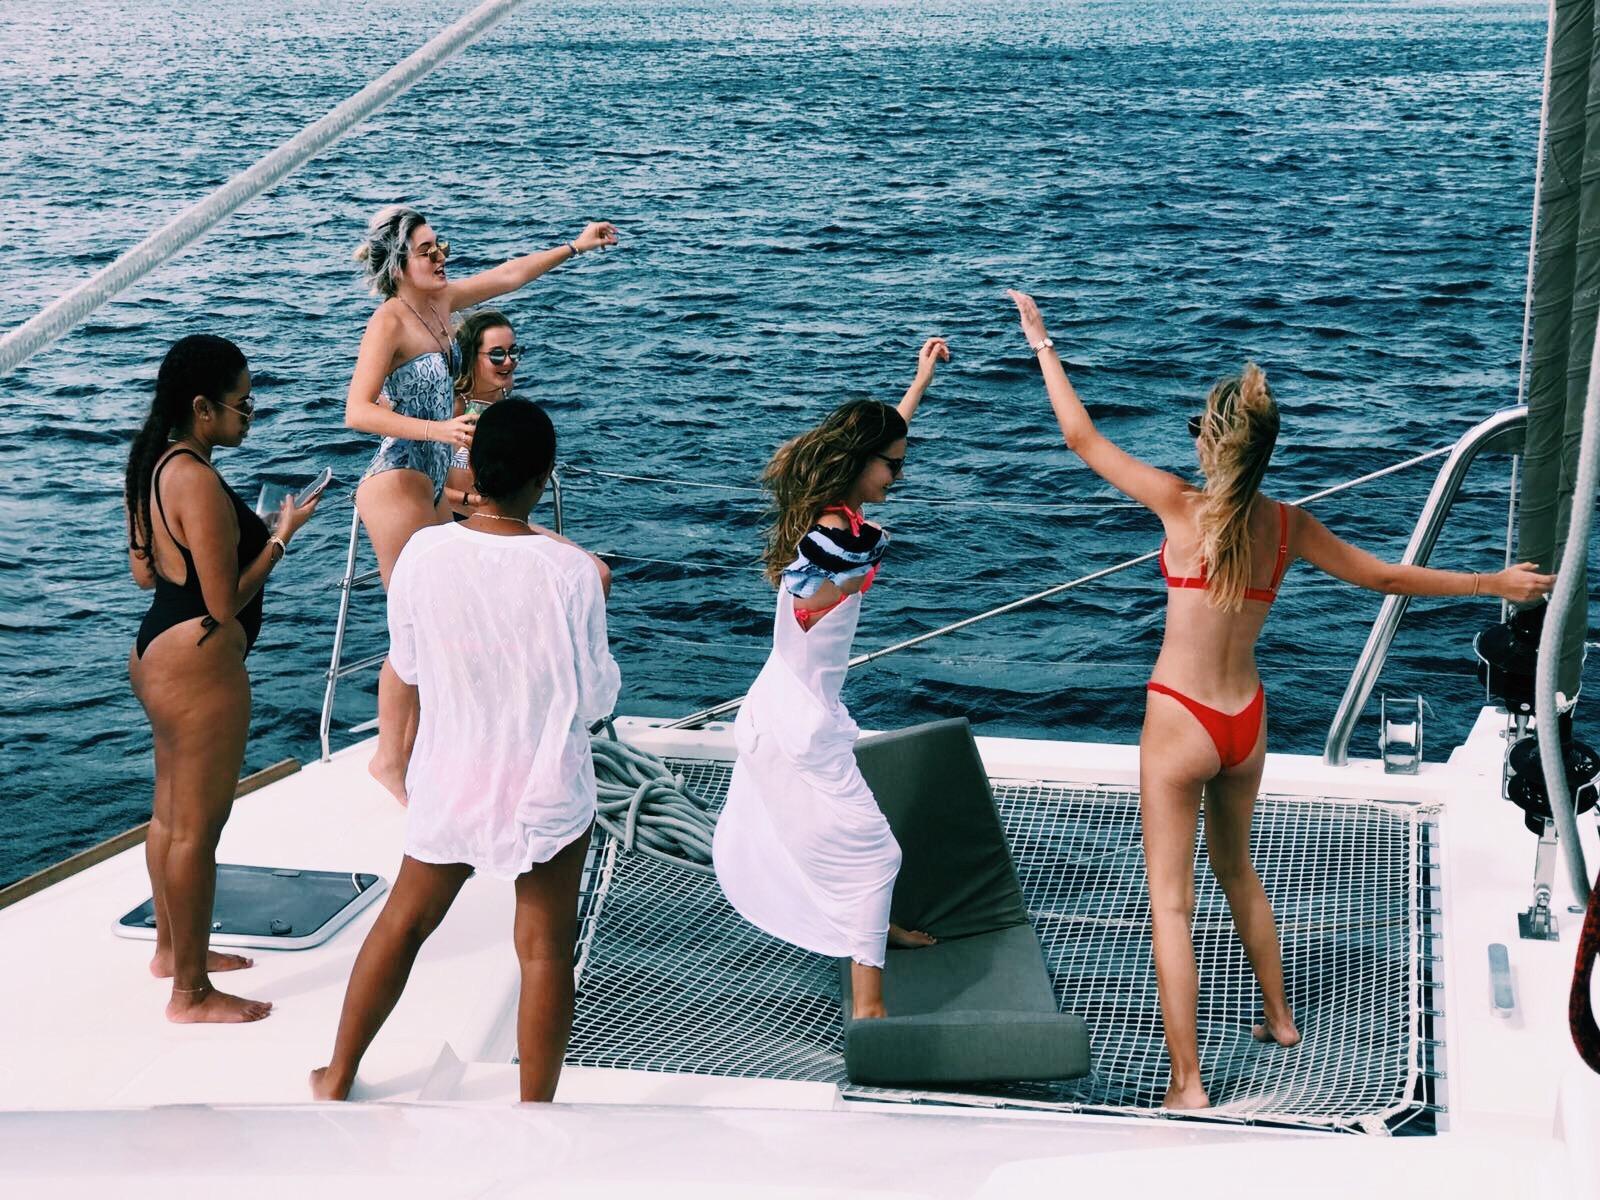 friends.birthday.boat.coolrunnings.catamaran.barbados.blog.blogpost.dancing.caribbean.